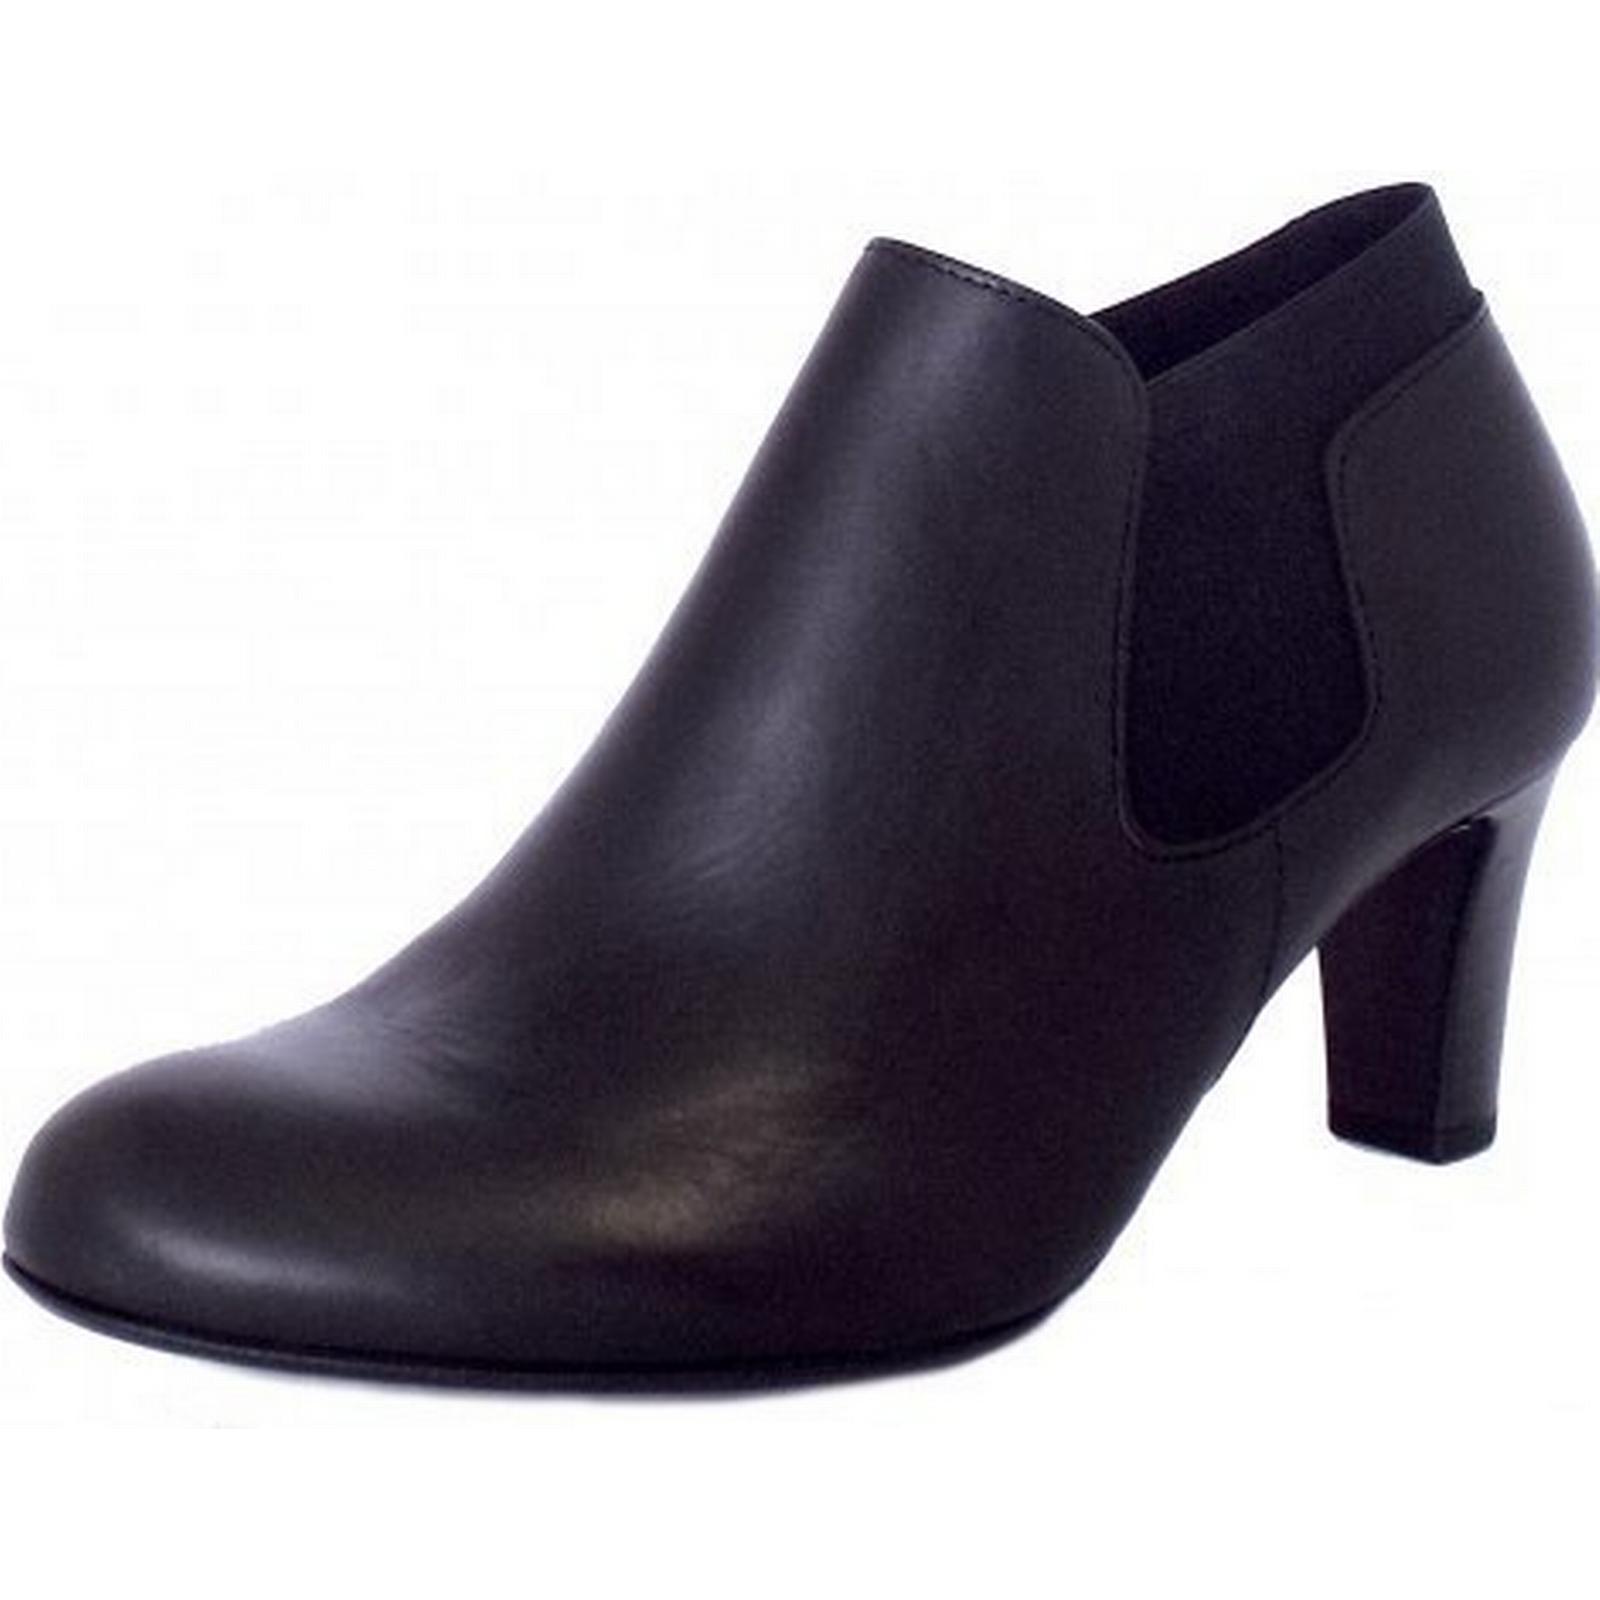 gabor pricilla gabor mesdames bottines taille: 7, 7, 7, la couleur: noir cc172a